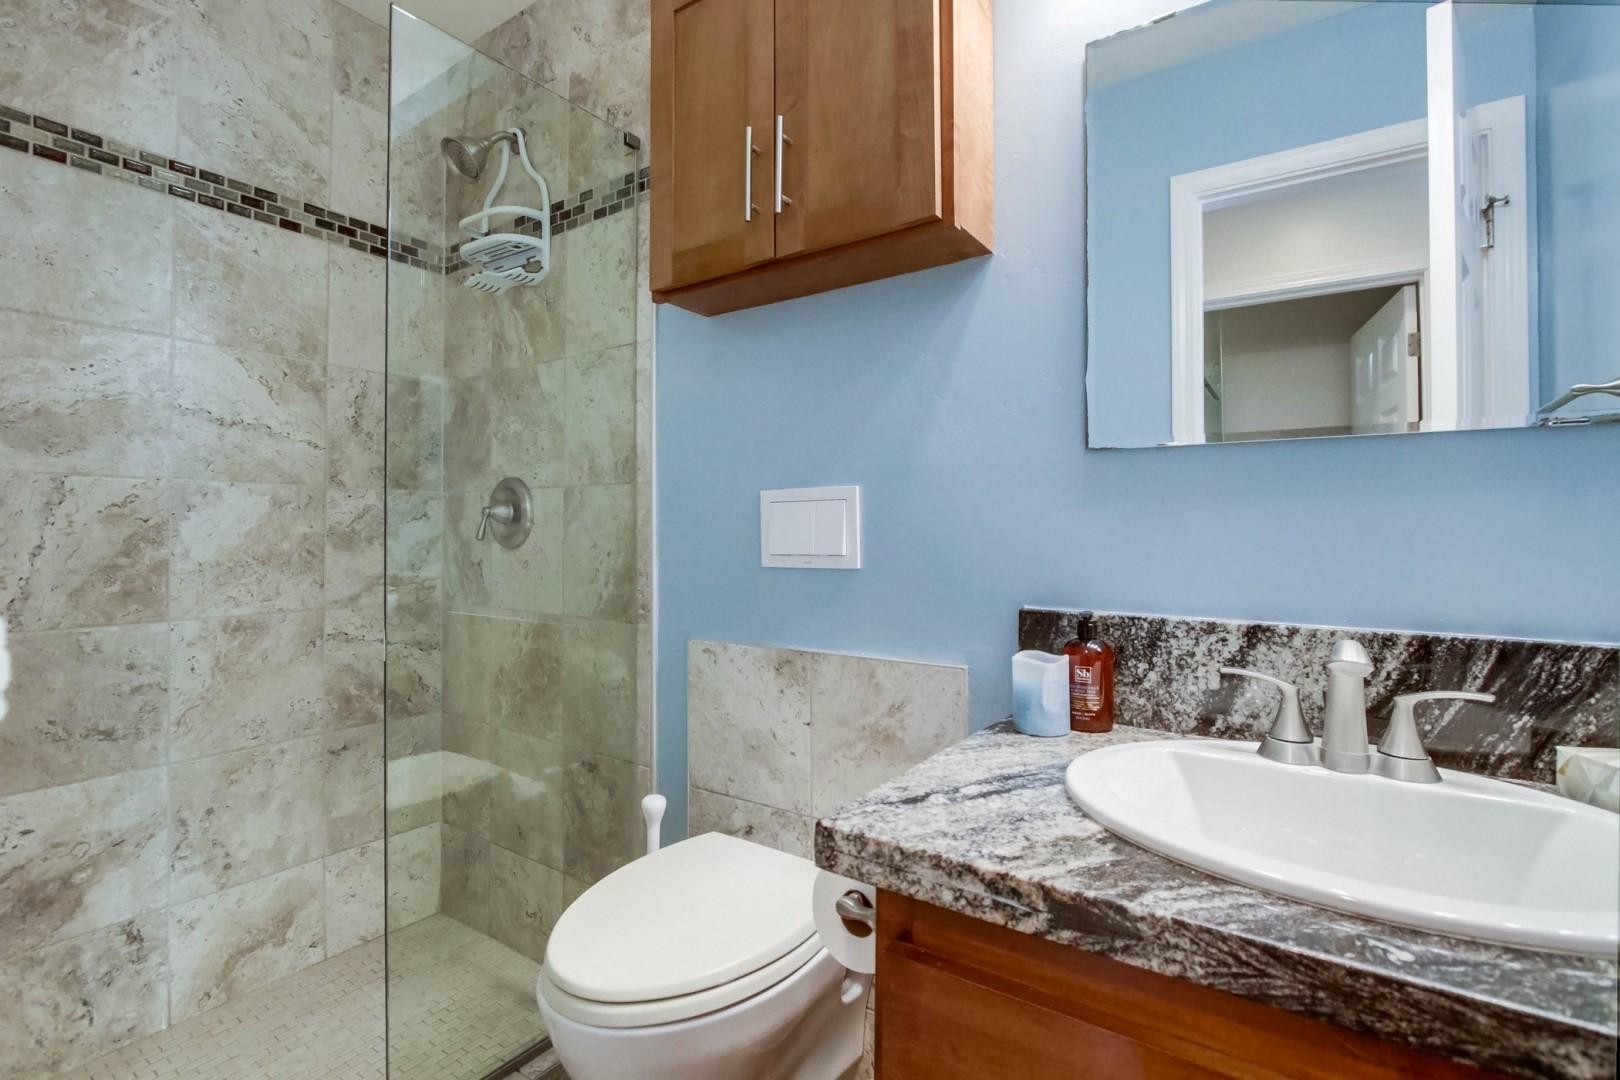 Ground-level bathroom